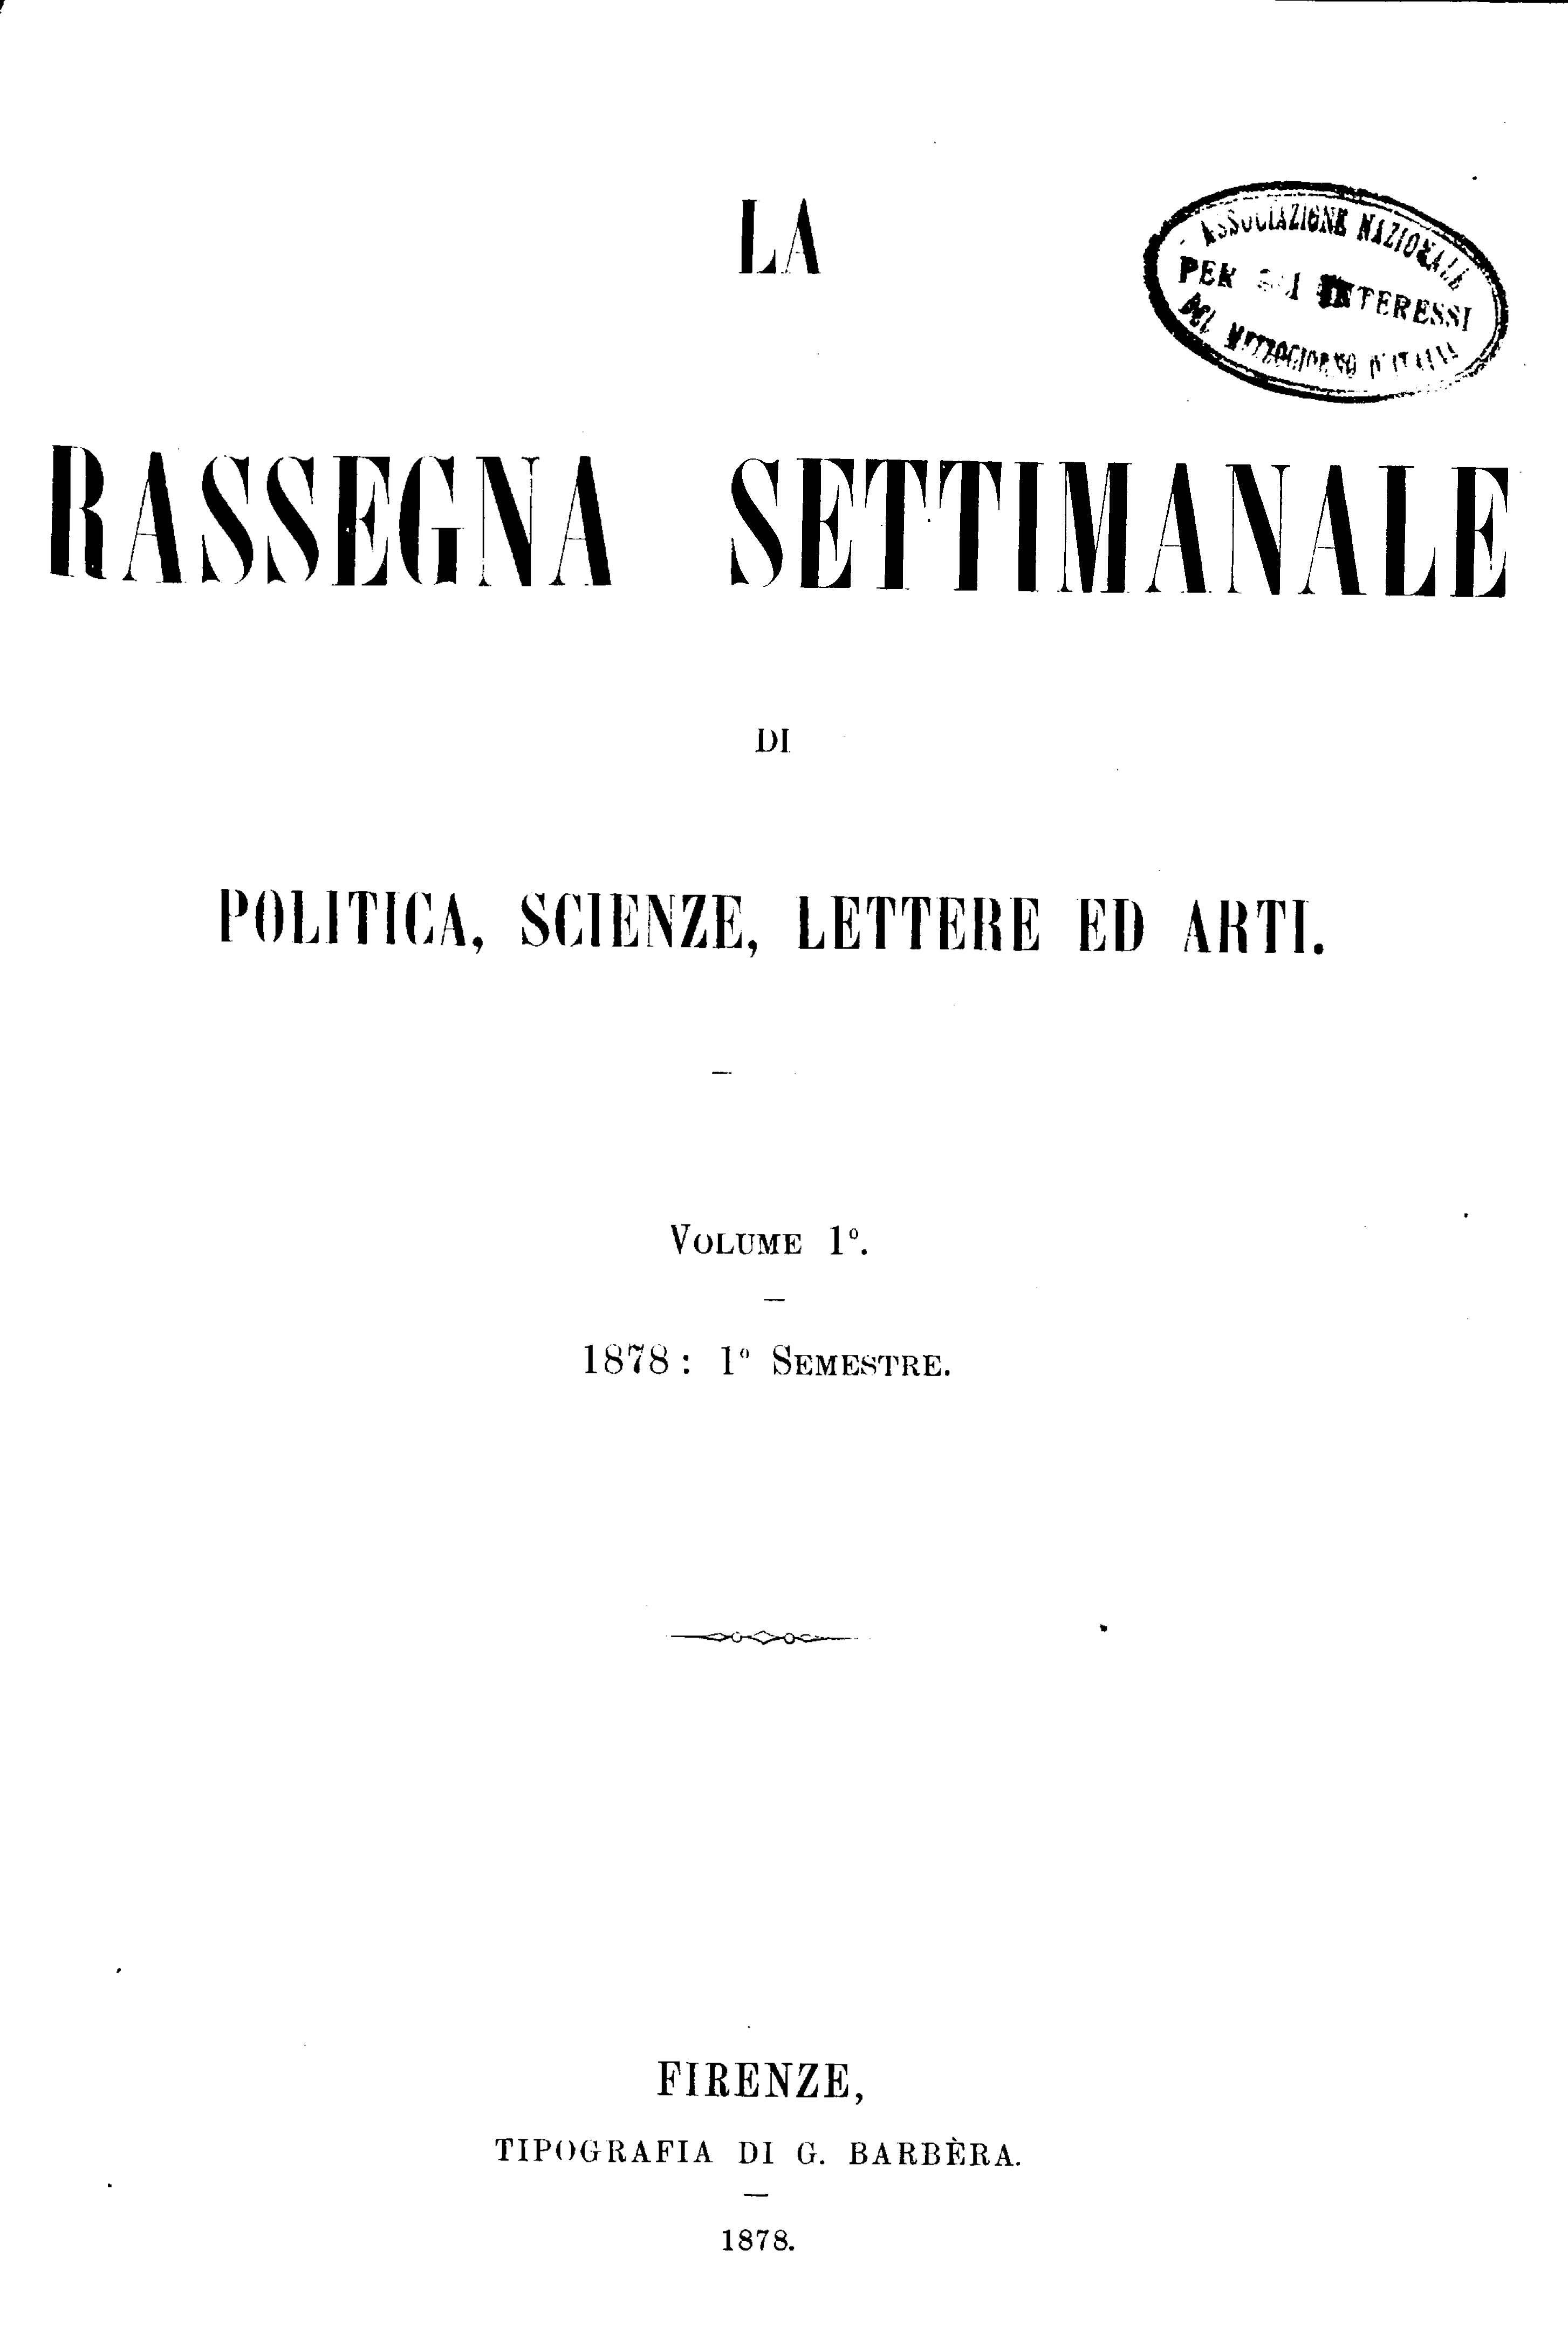 Fascicolo 17 - Volume 1 - 1878 - Semestre 1 - Trimestre 1